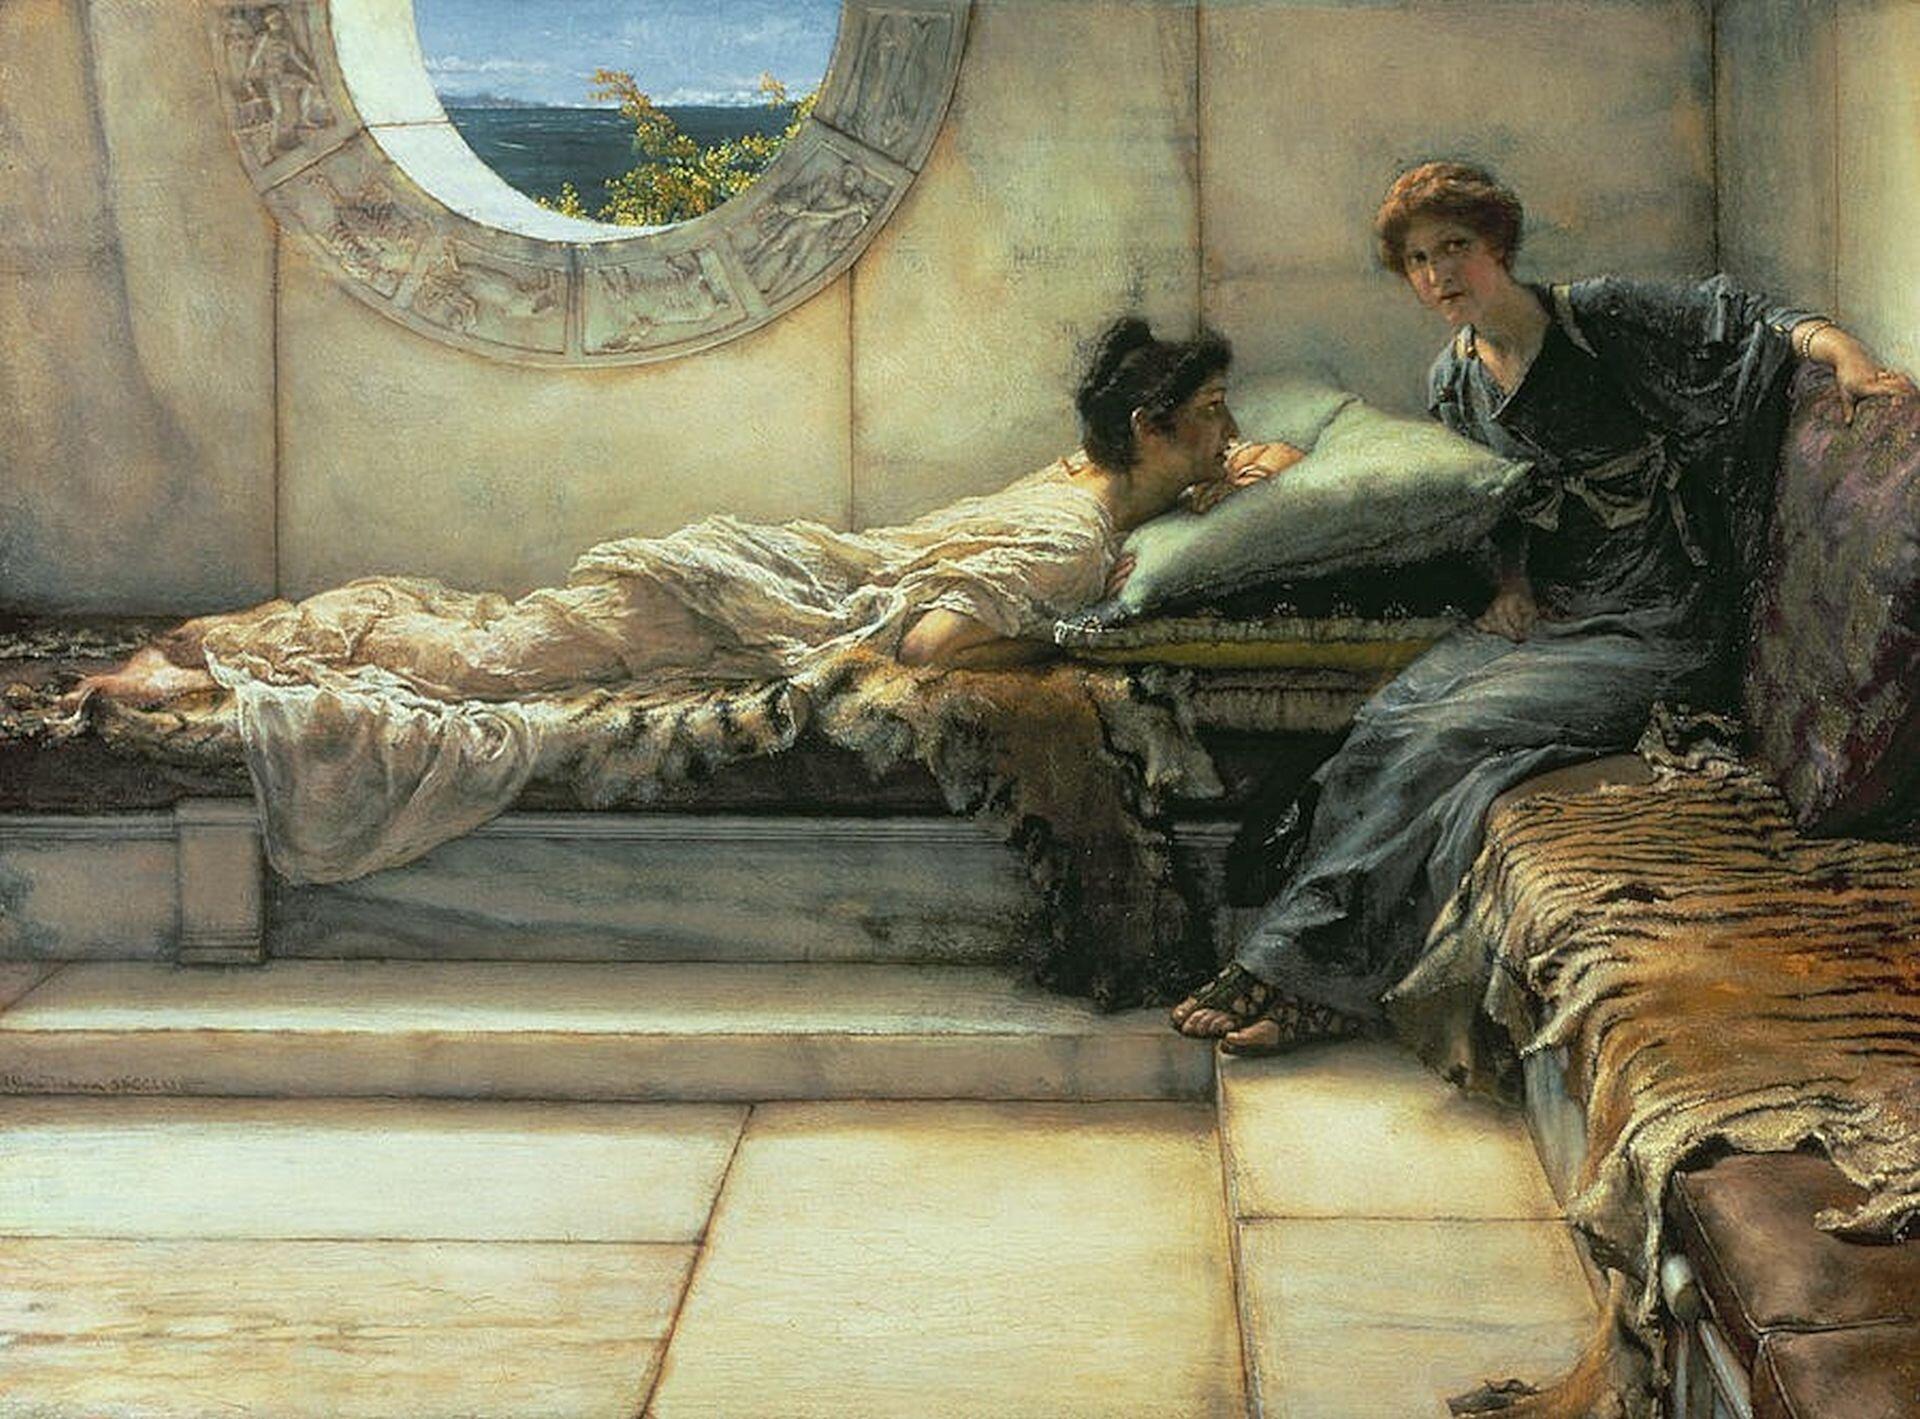 """Obraz autorstwa Sir Lawrence'a Tadamy pod tytułem """"Sekret"""" przedstawia dwie młode kobiety. Jedna znich znajduje się na leżance. Leżąc na brzuchu ma wzrok skierowany na drugą siedzącą kobietę. Przysłuchują się sobie uważnie."""